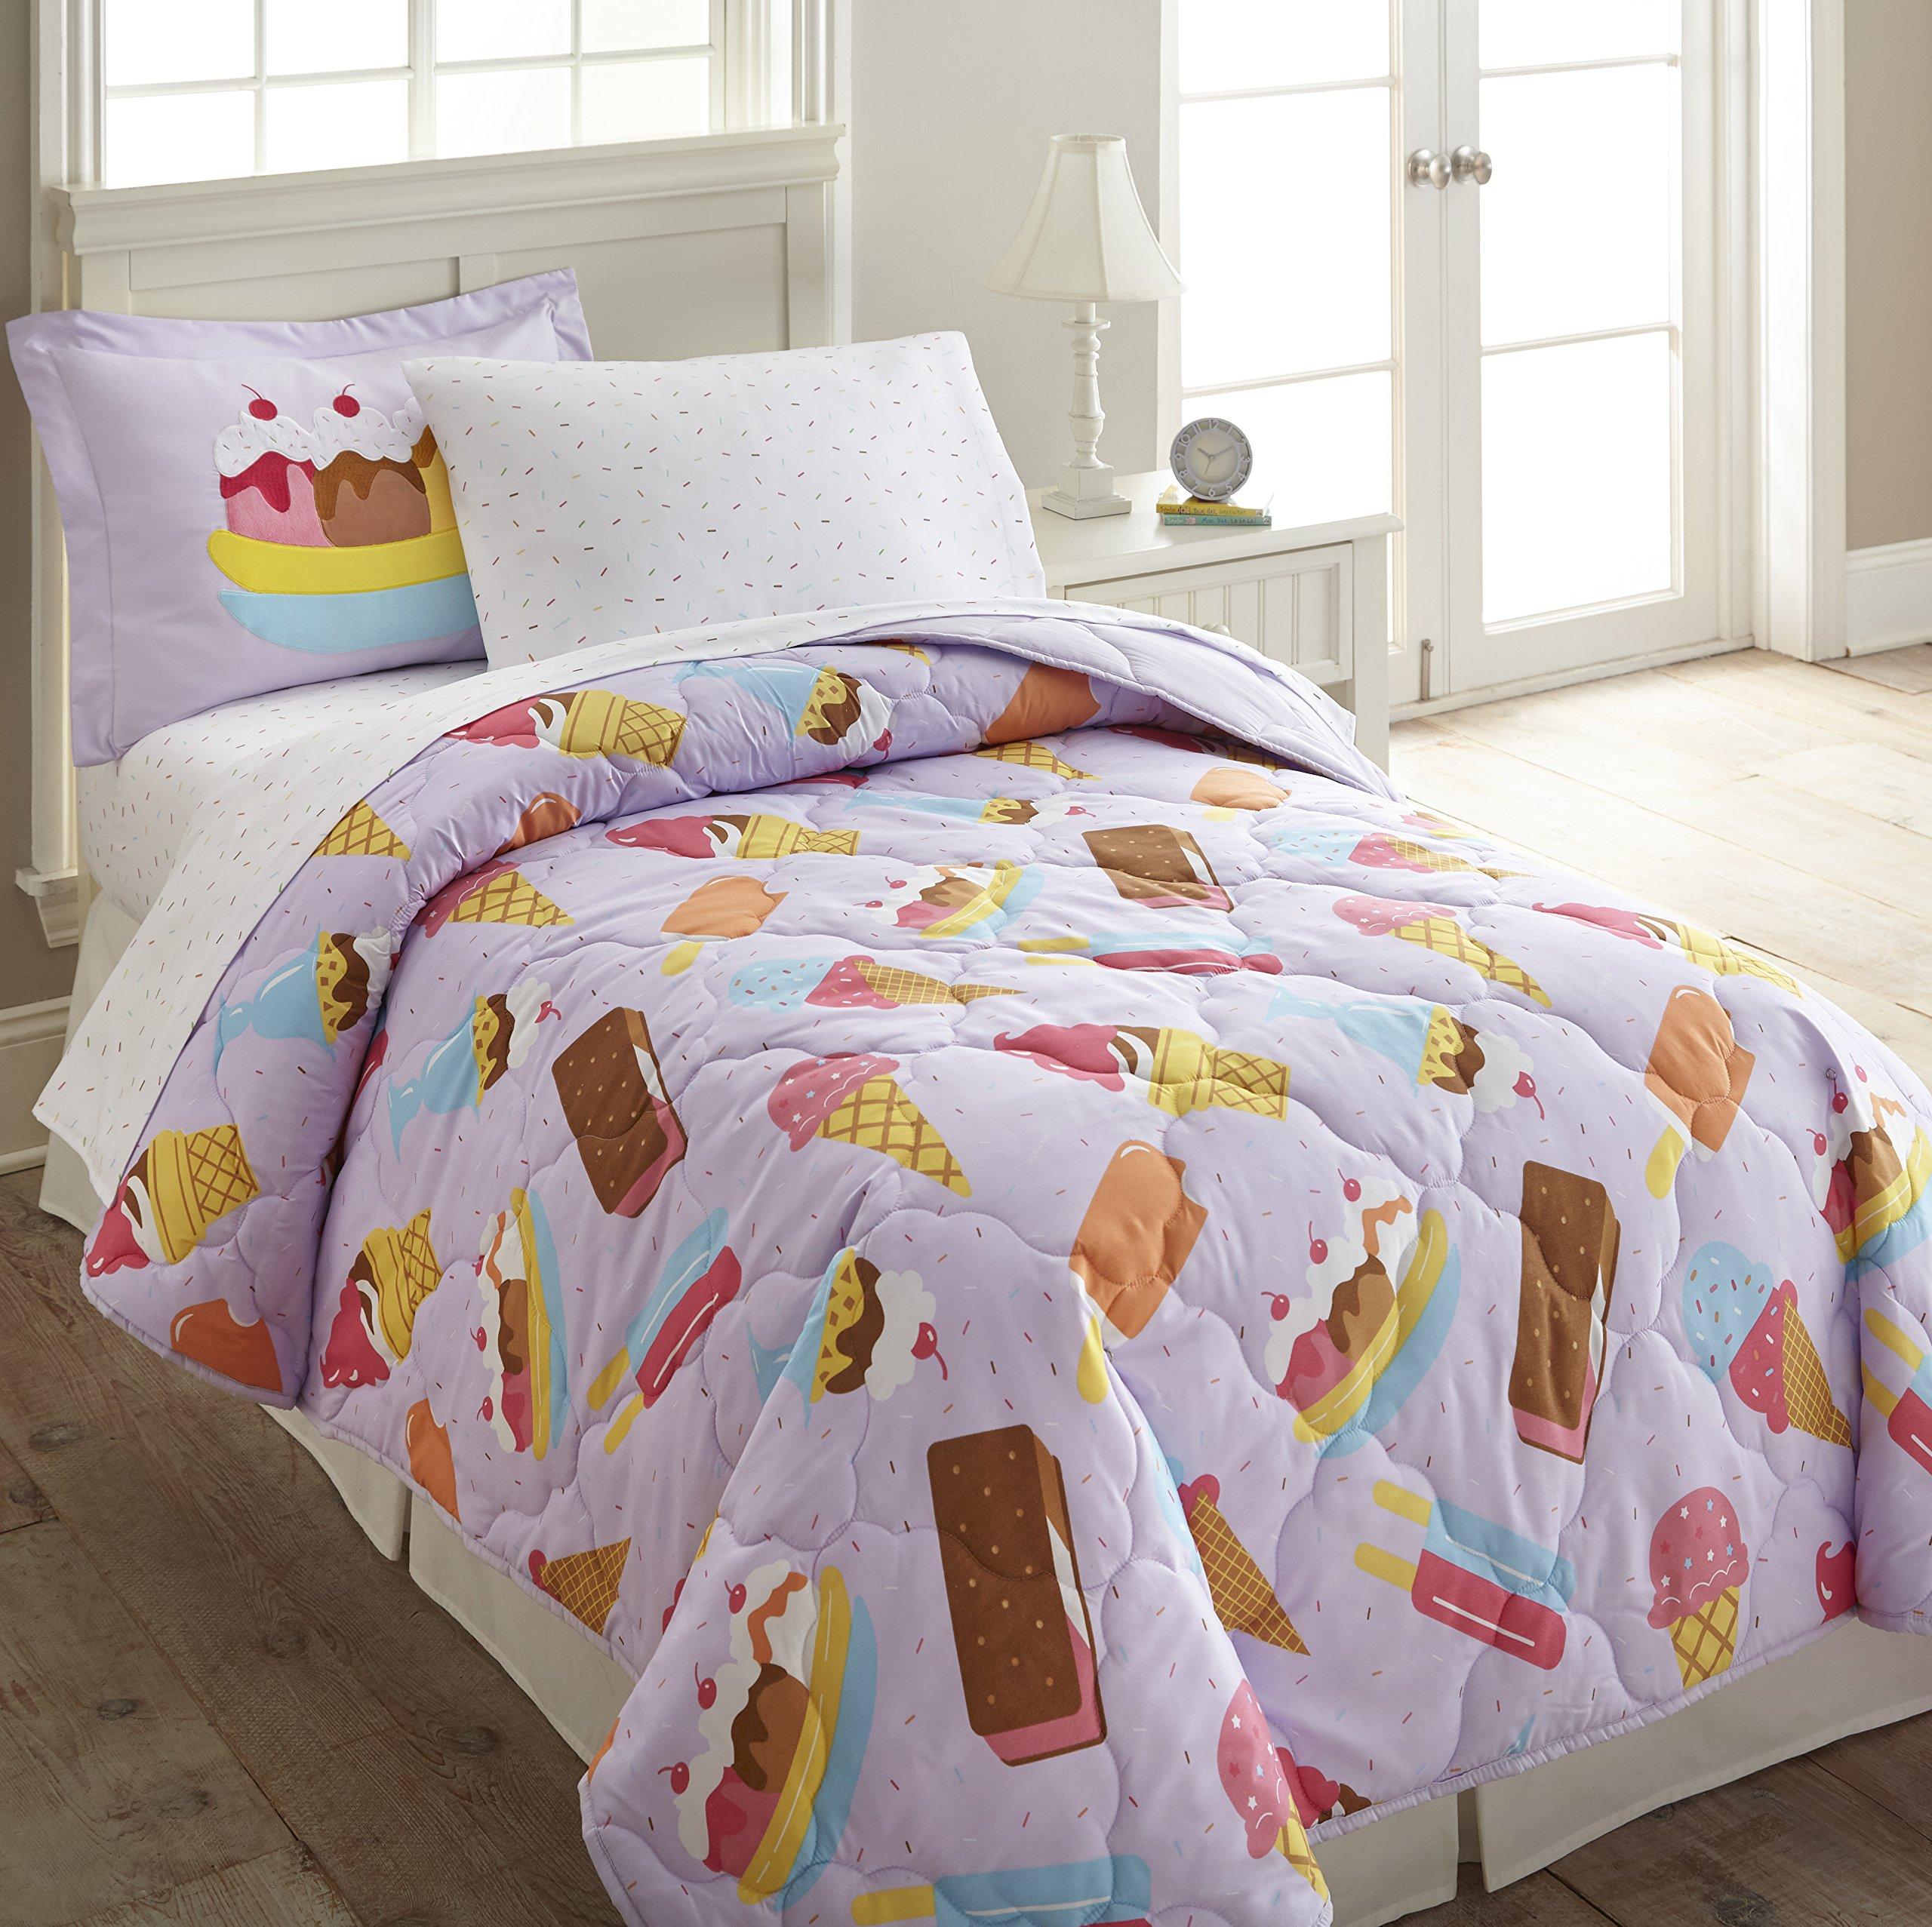 Wildkin 5 Pc Bed in a Bag Twin (5 Piece), Sweet Dreams, One Size